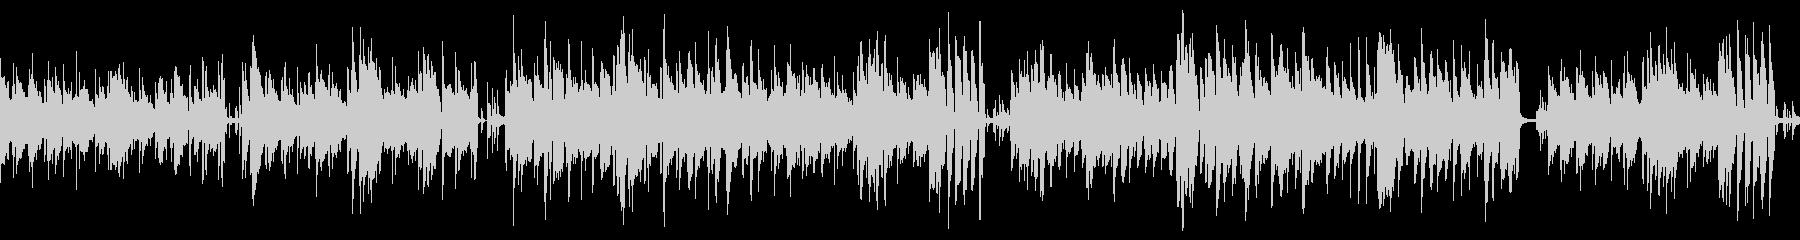 温かい・ほのぼの・日常BGMループの未再生の波形